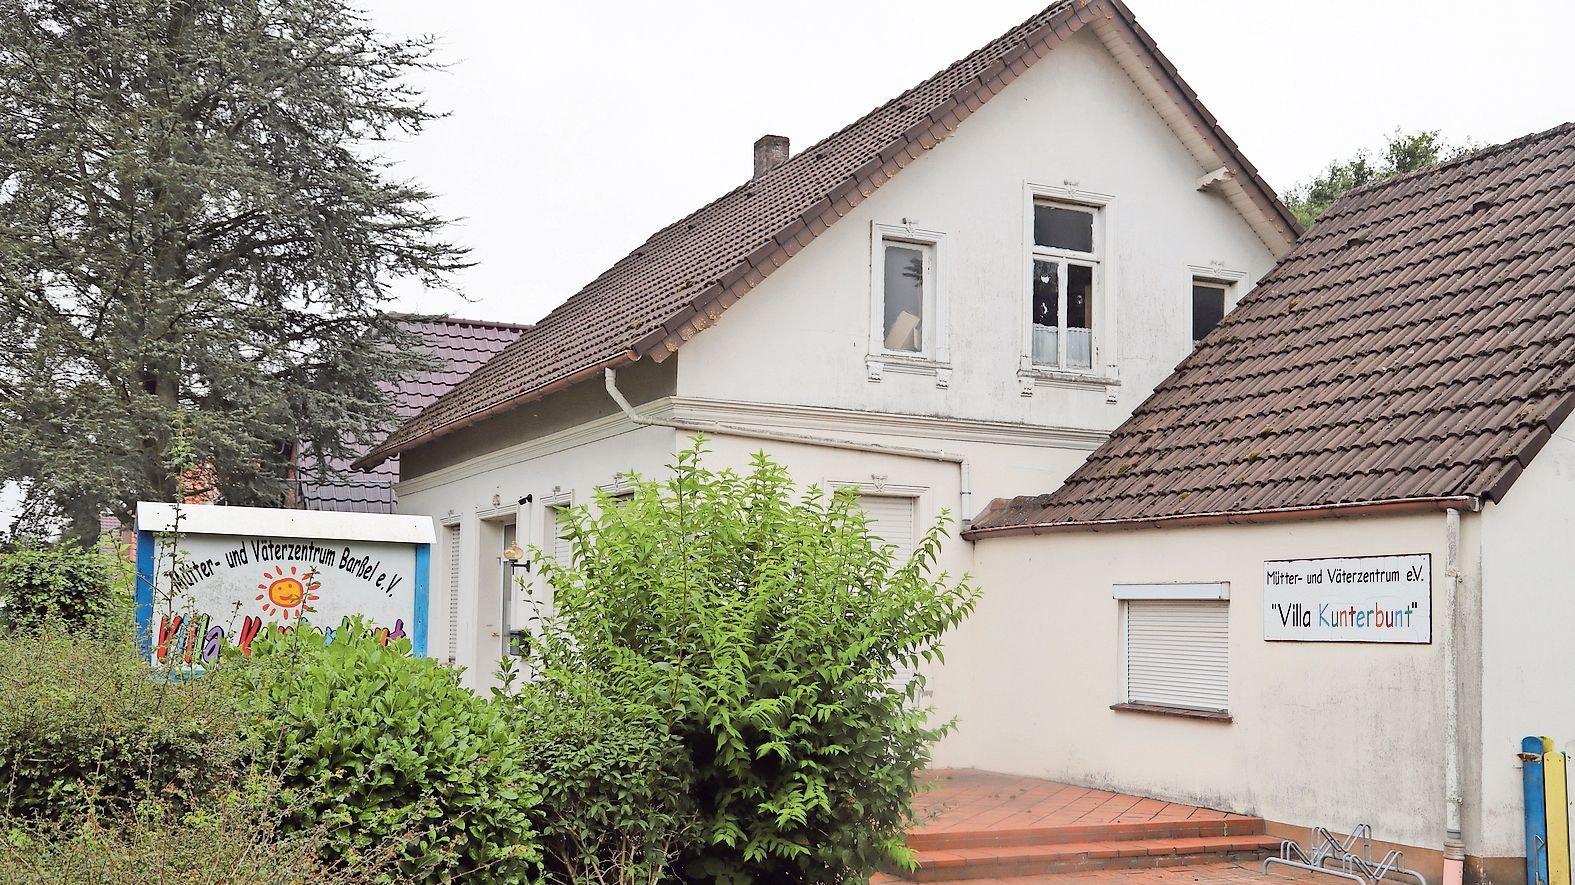 """5000 Euro jährlich: Die """"Villa Kunterbunt"""" in Barßel kann weiterhin auf die finanzielle Hilfe der Gemeinde Barßel bauen. Foto: C. Passmann"""